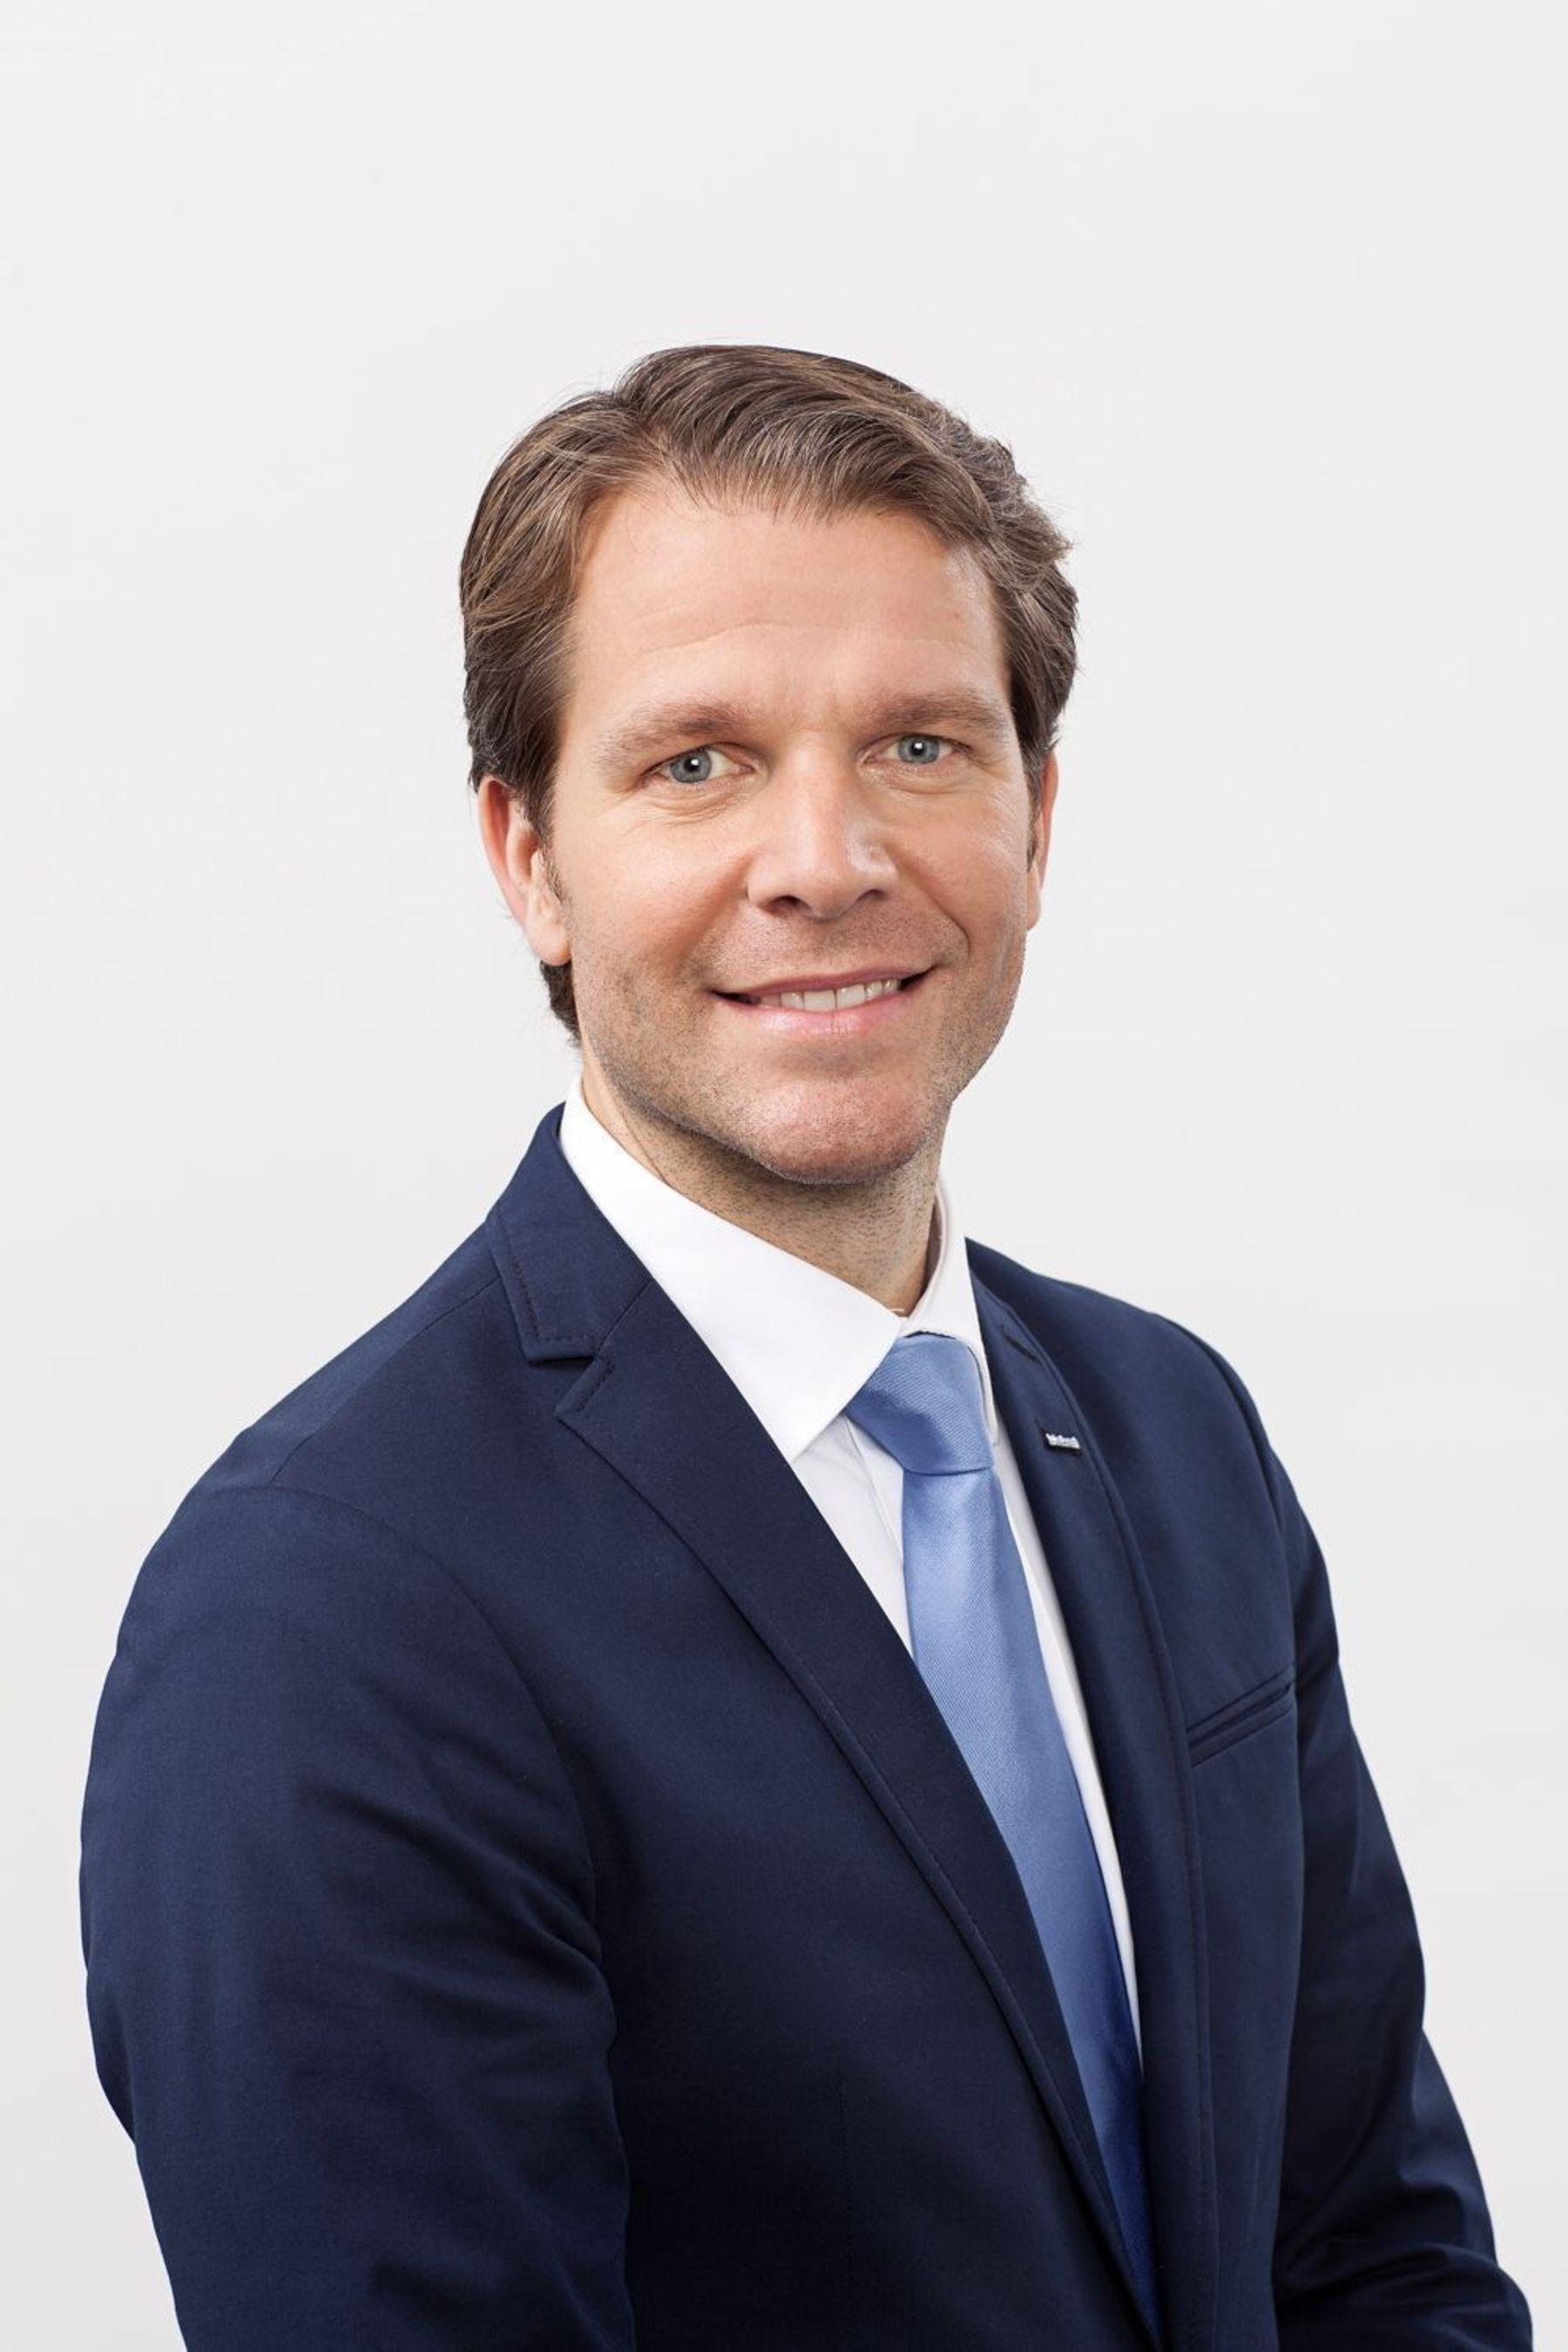 Lukas Hlava, General Manager Kiekert Tschechien (PRNewsFoto/Kiekert AG)